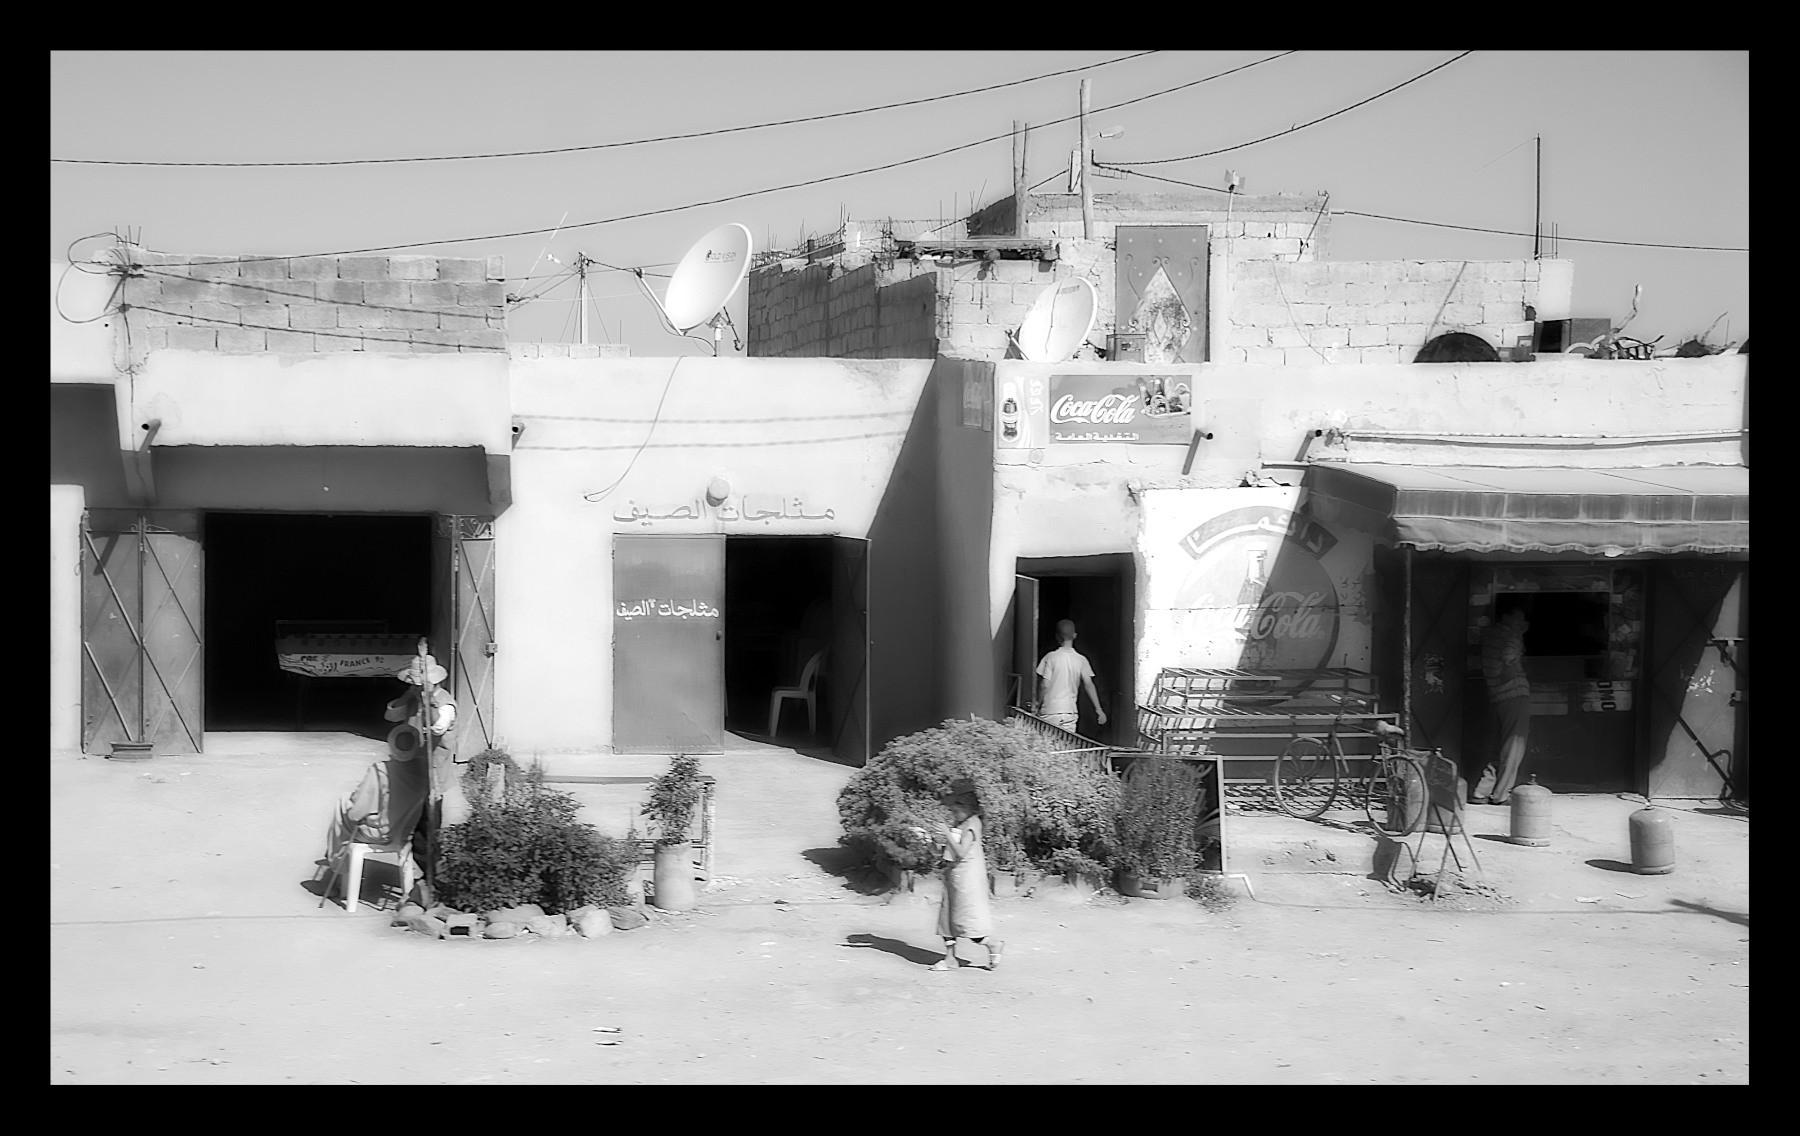 91415_DSC0014-on-desert-coca-cola Storie di Luce